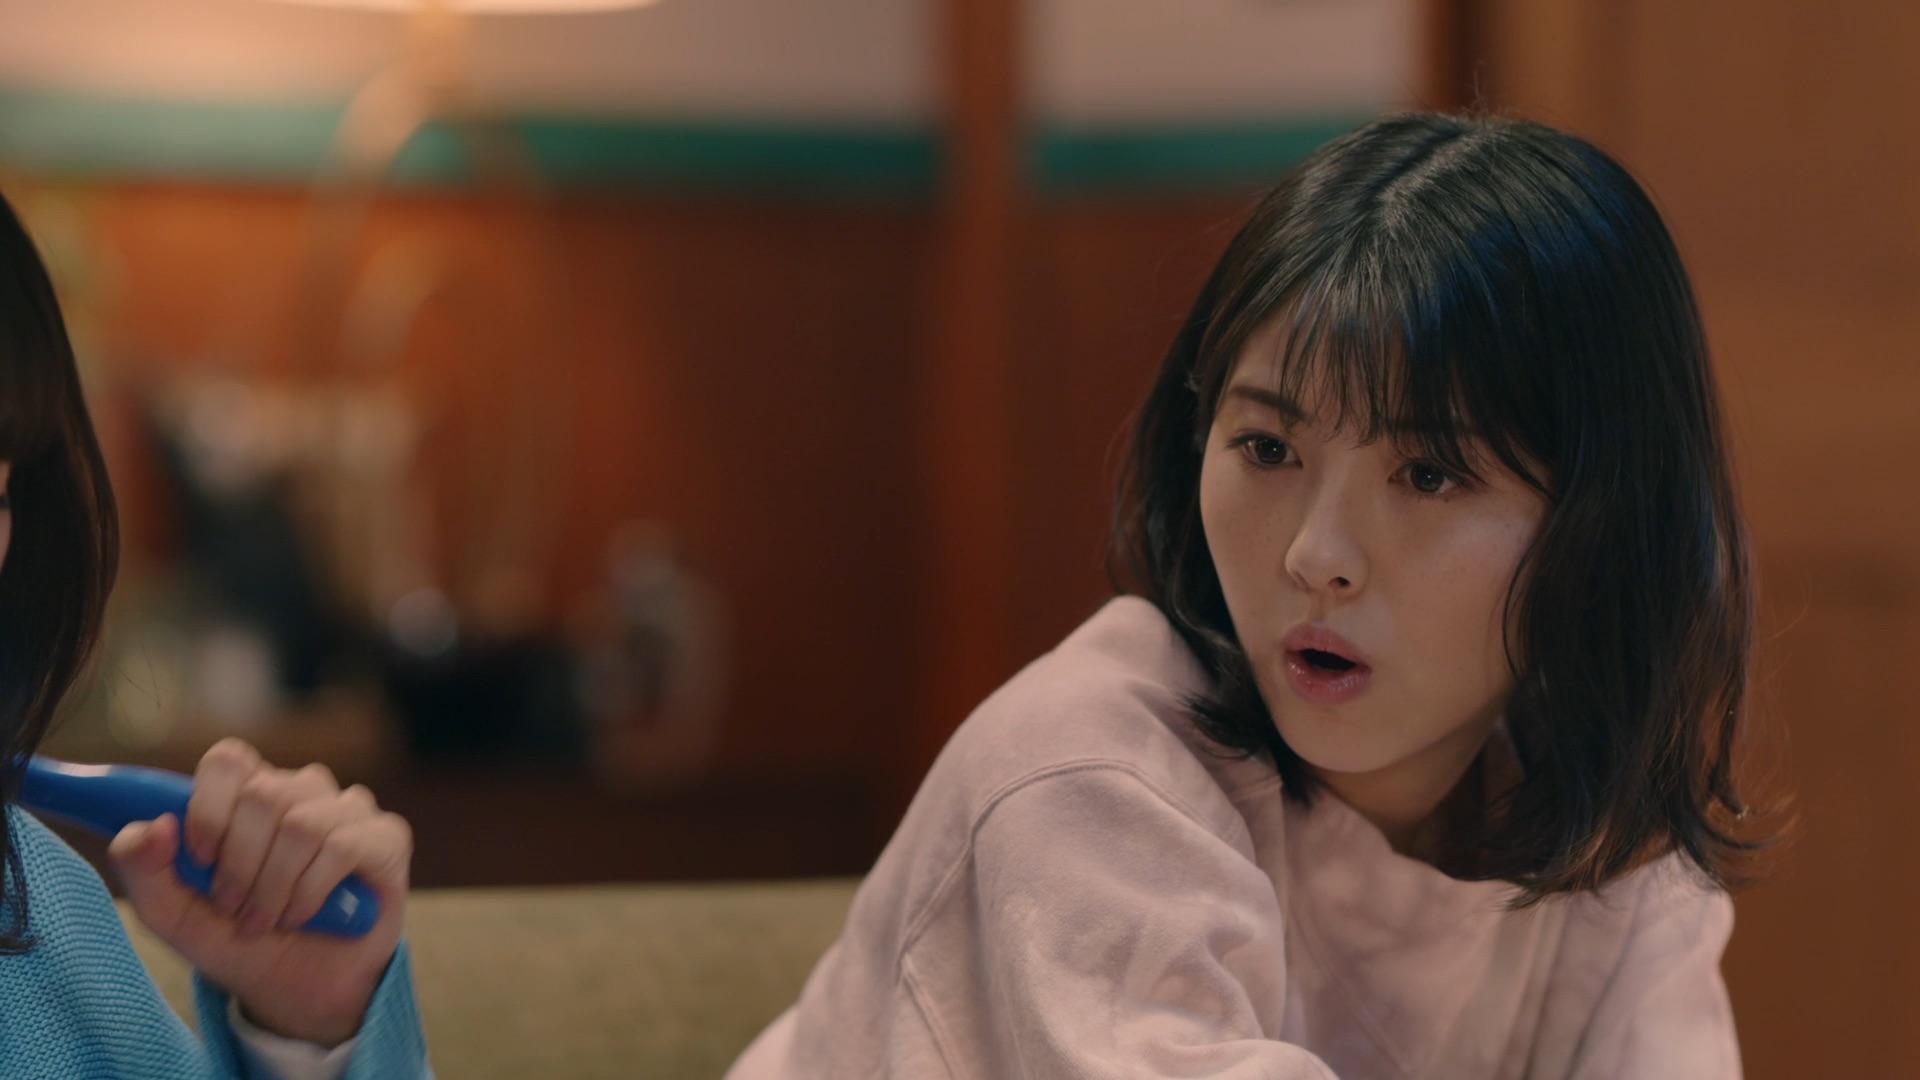 浜辺美波 /JA共済のWEB動画シリーズ『カスミナミ』第2弾『スヌーズ』篇